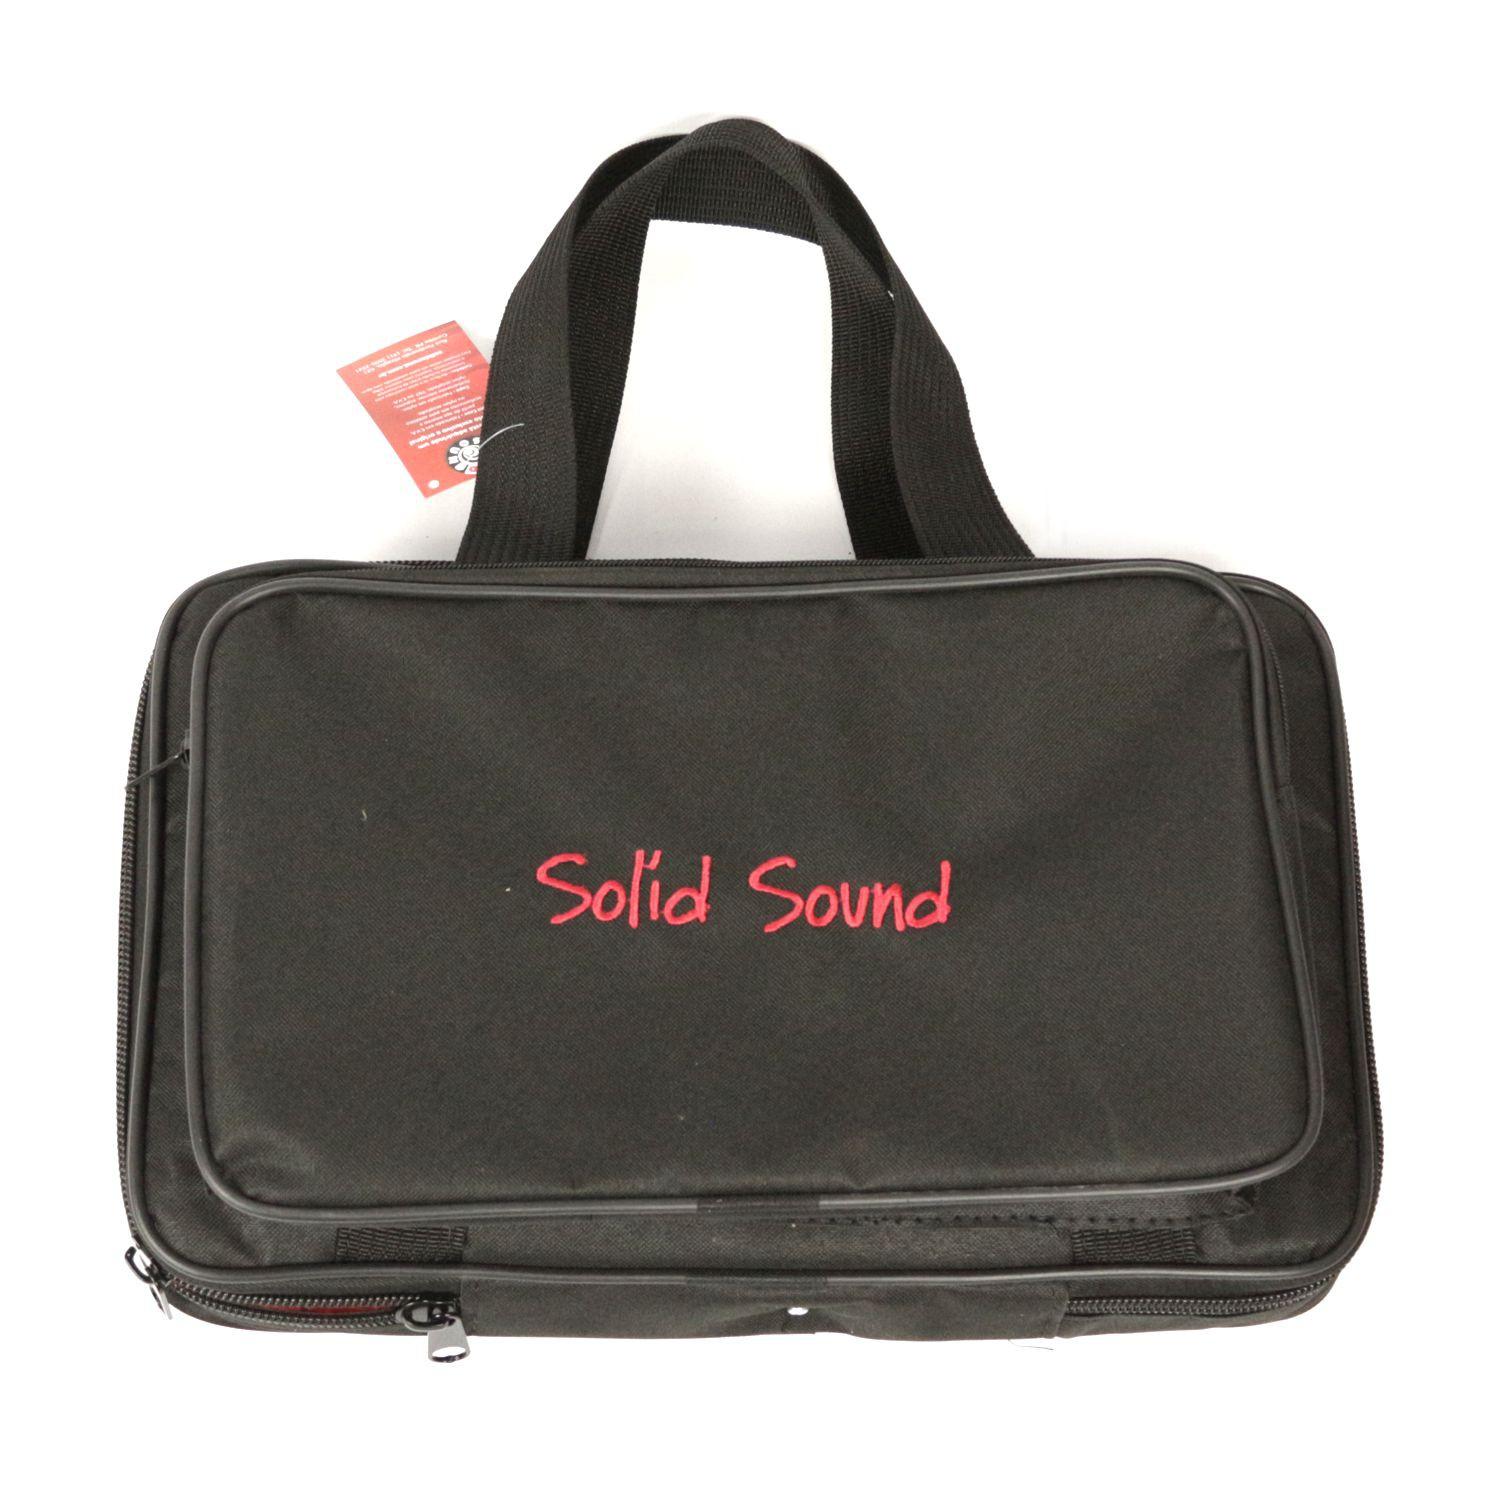 Capa Solid Sound Case para Microfone com Fio Bolso Frontal, Zíper Lateral, Bolso Traseiro e ALÇA de Mãos